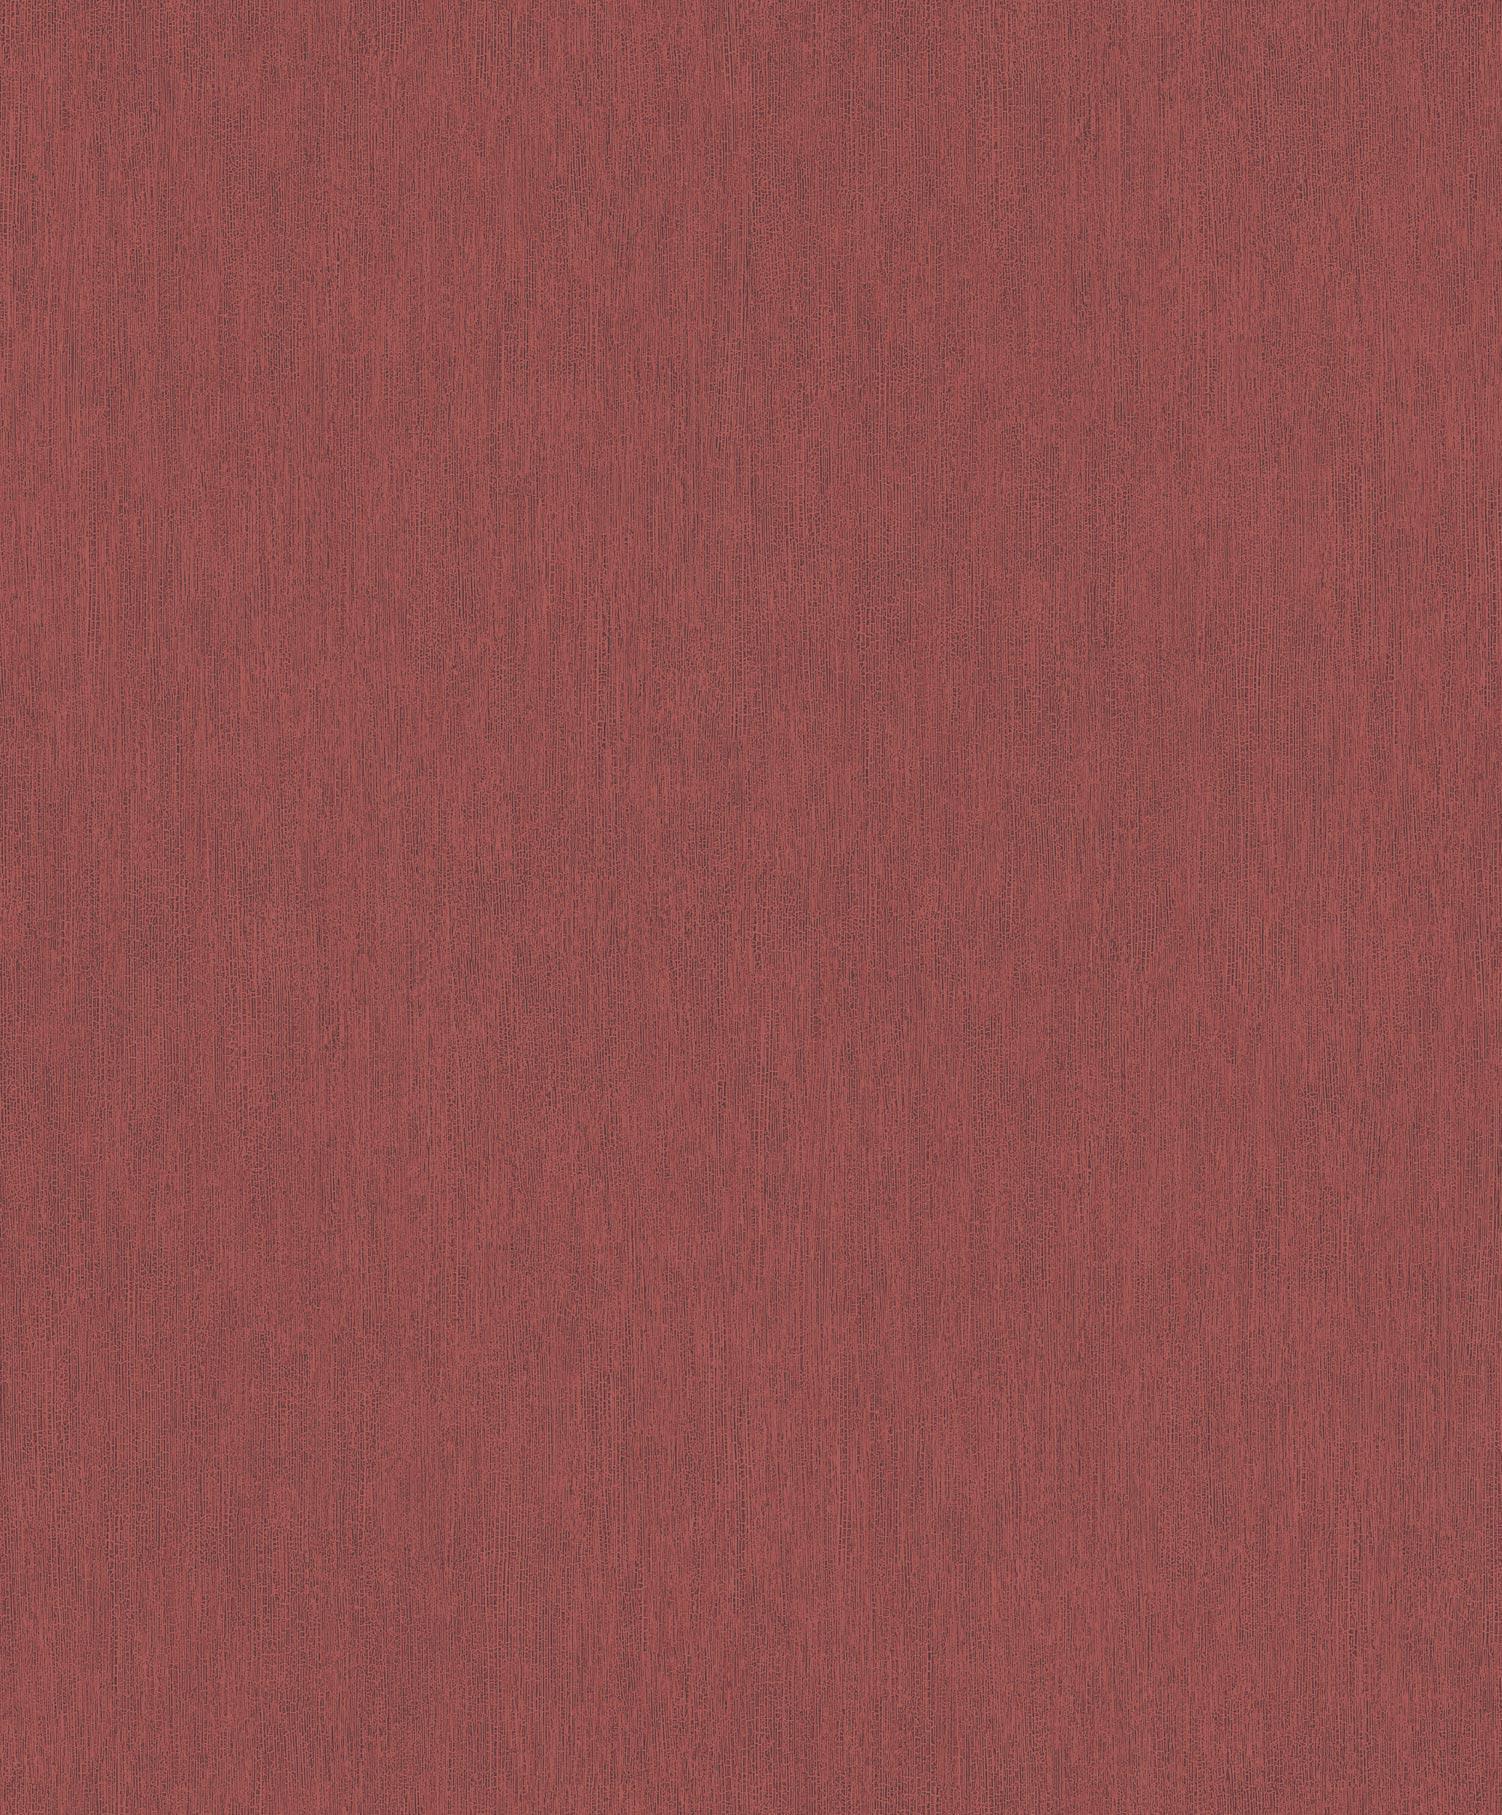 Обои Ugepa Couleurs j75110 (Угепа)